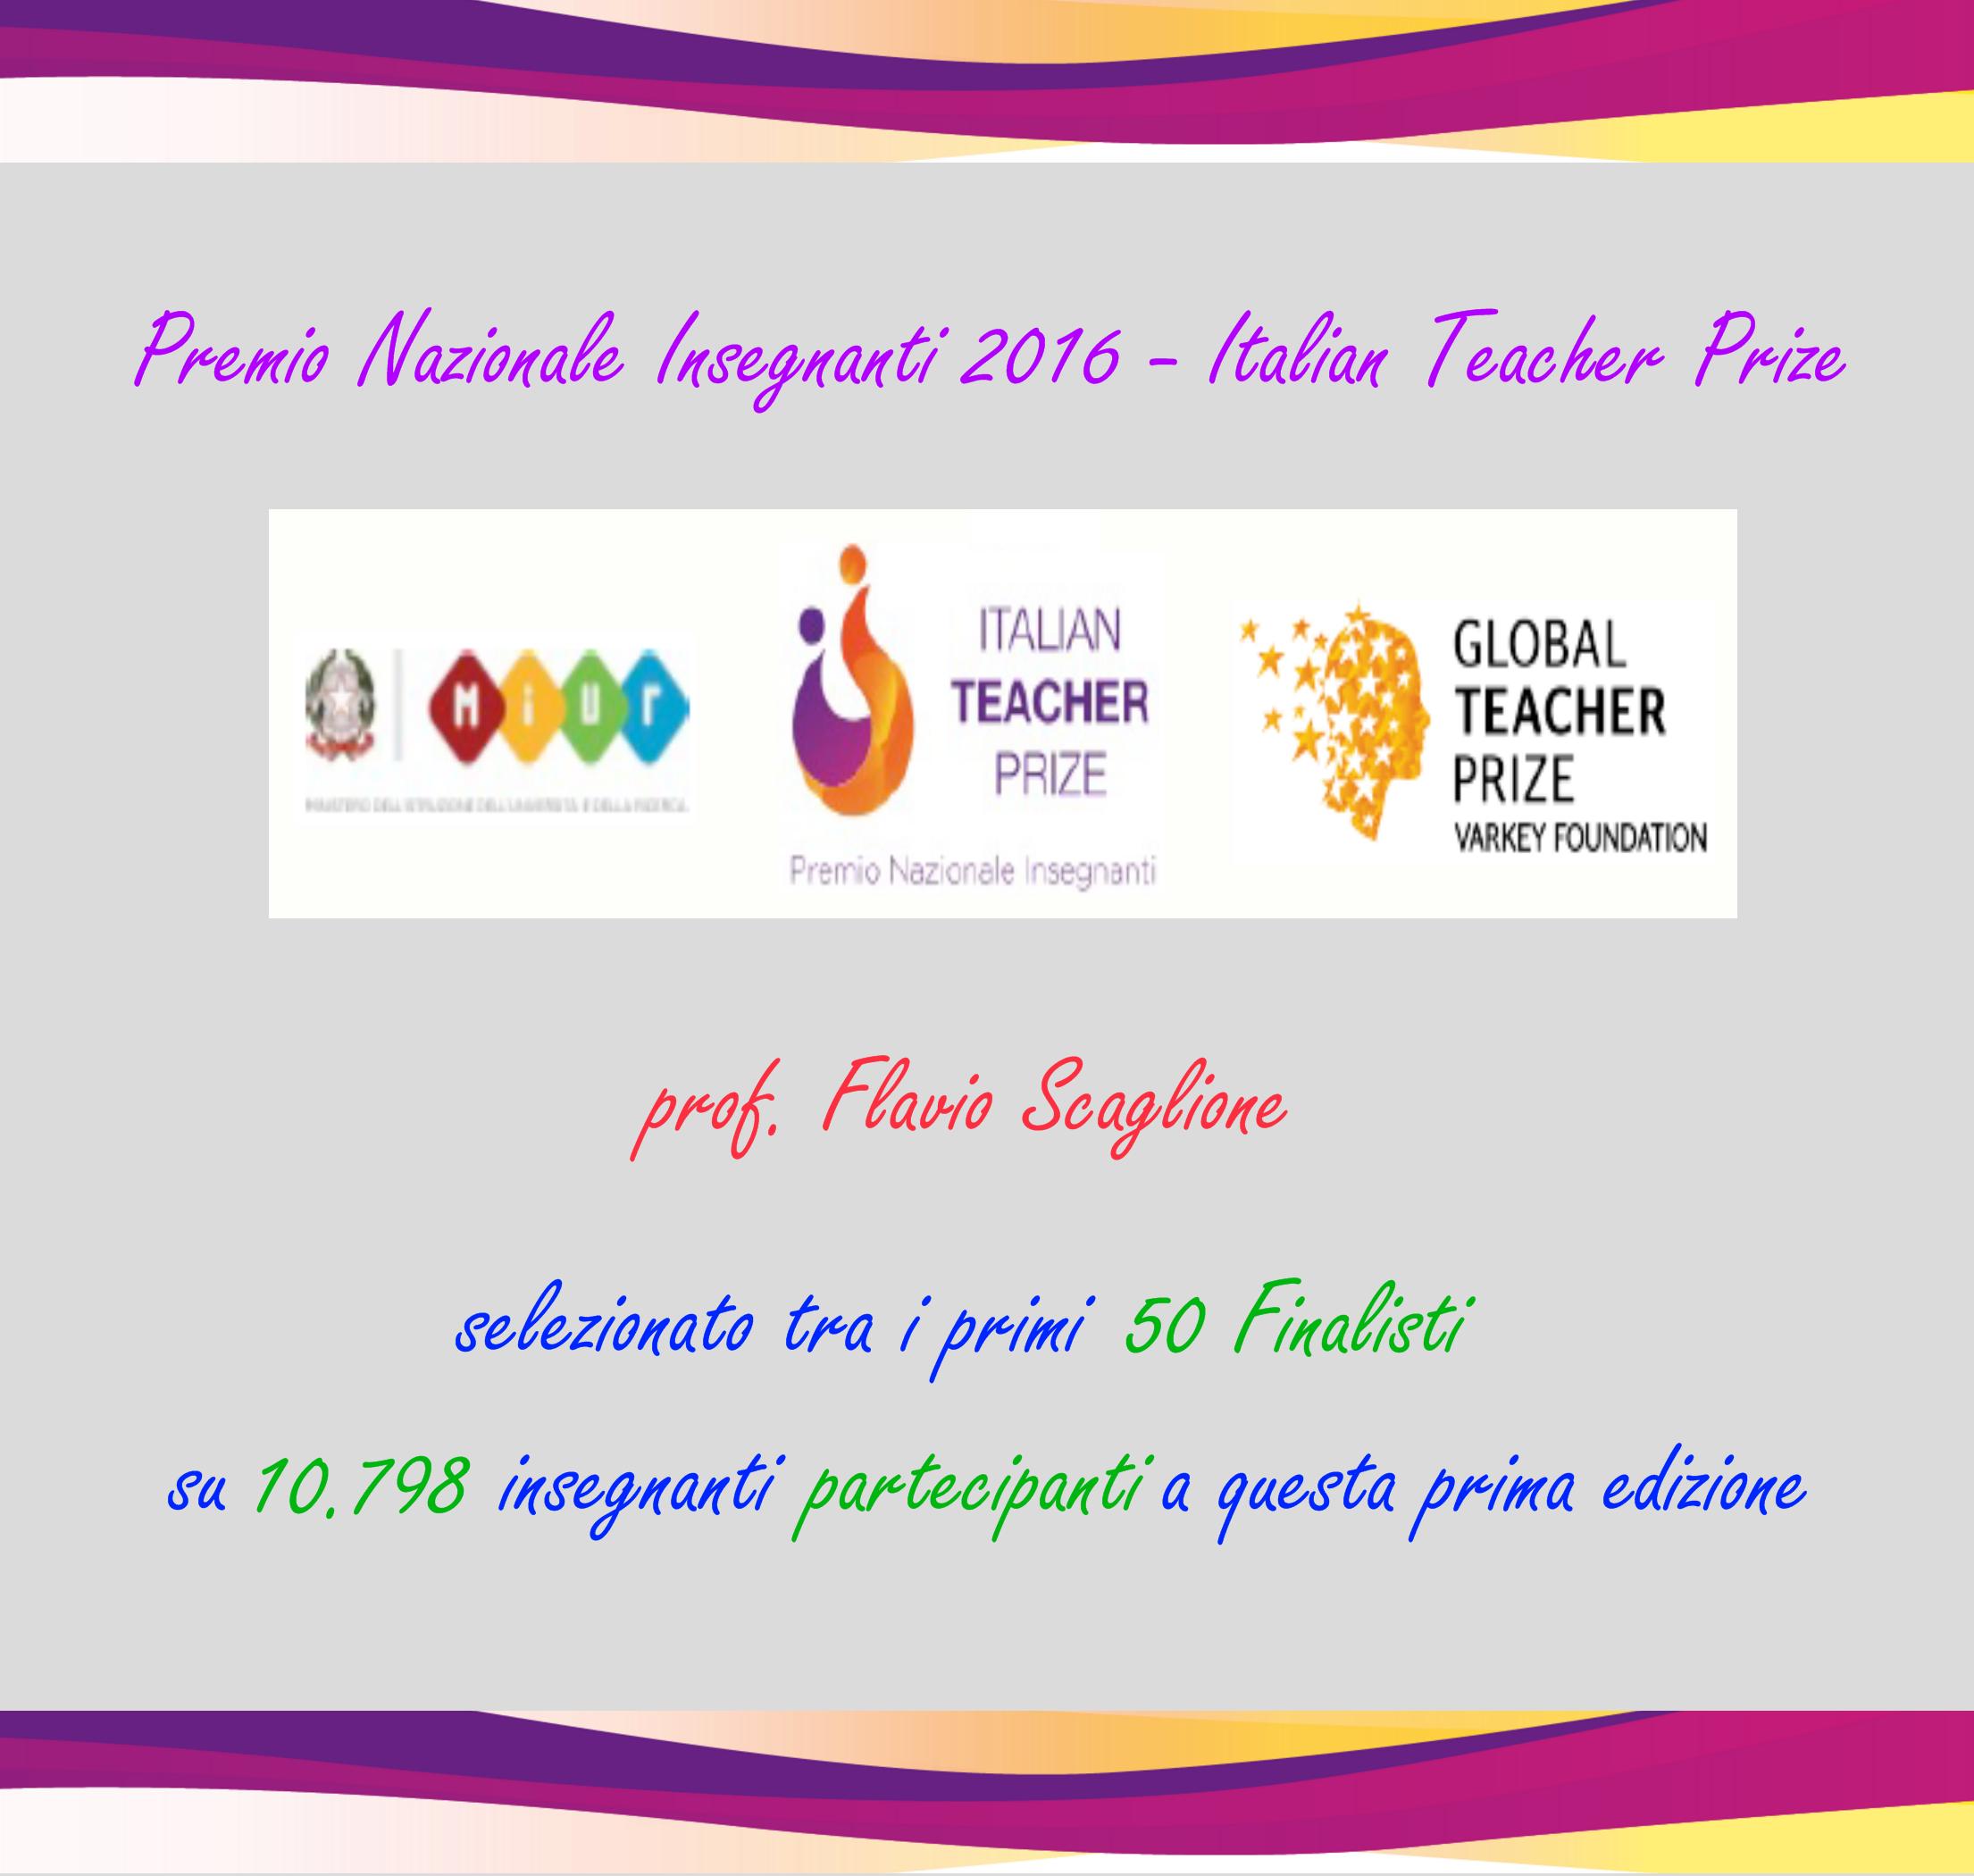 Italian Teacher Prize - Premio Nazionale Insegnanti 2016 - MIUR e Varkey Foundation